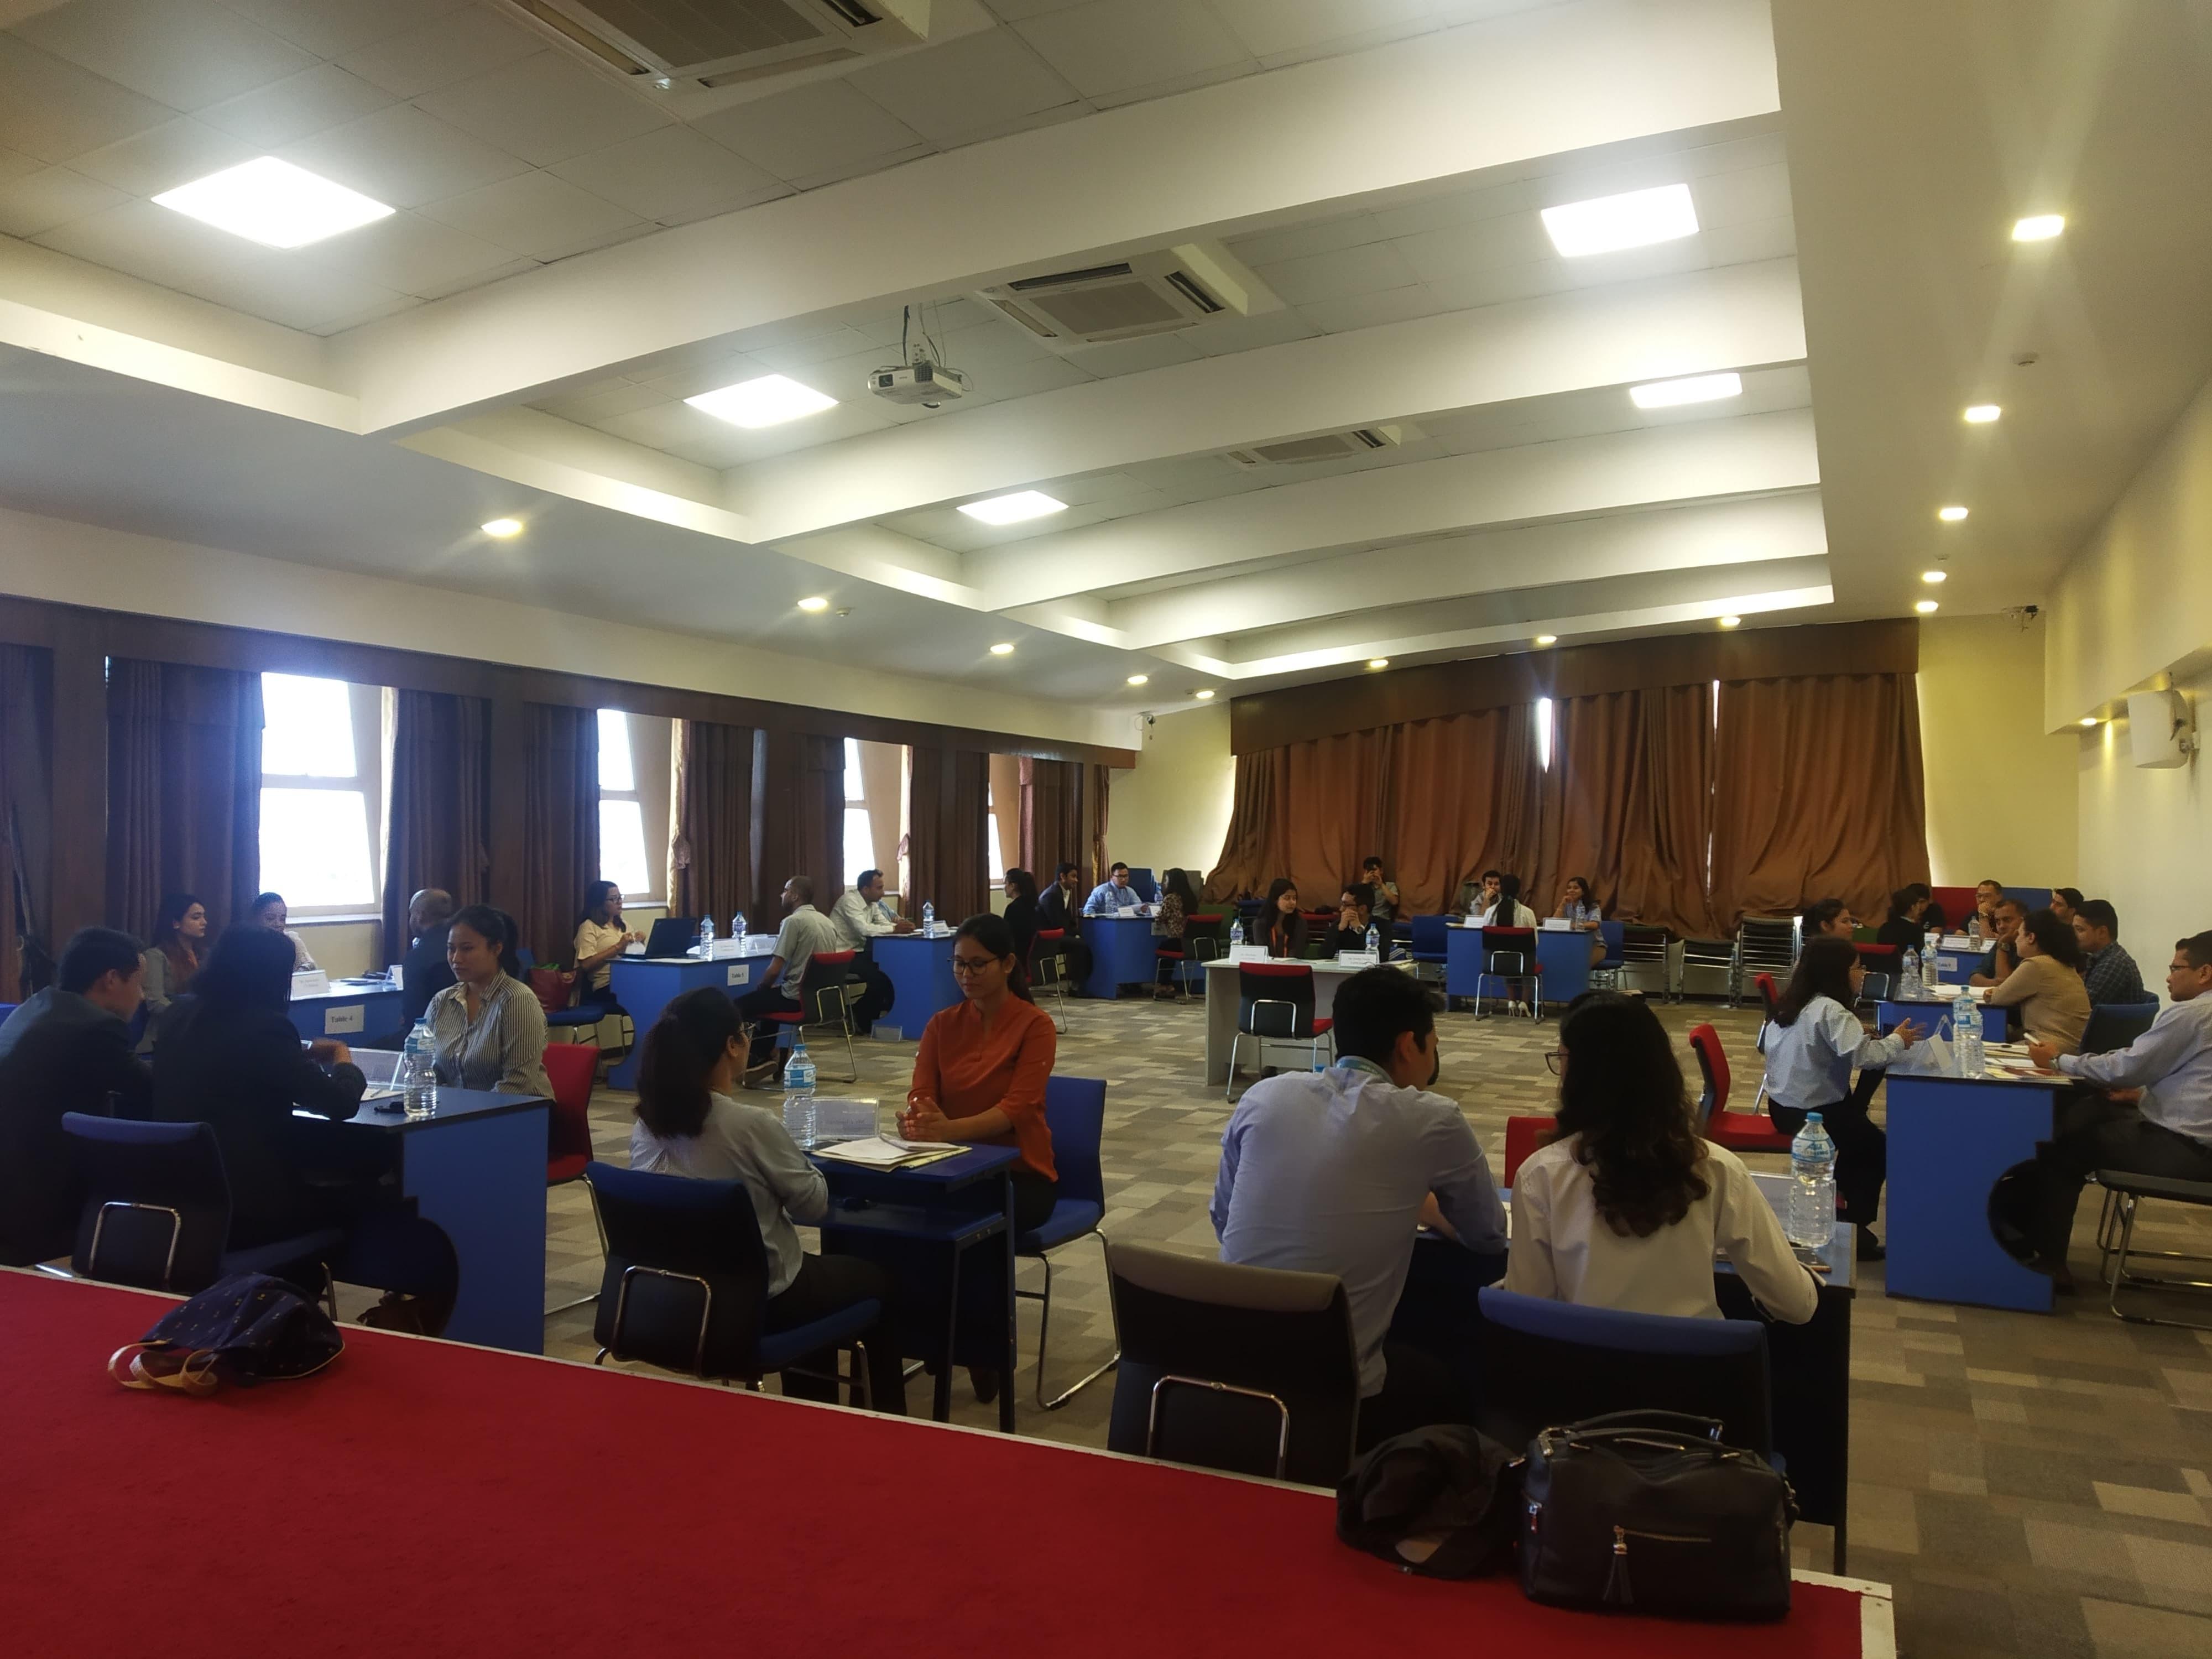 विद्यार्थीलाई जागिर दिलाउन काठमाडाैंमा 'मेला'